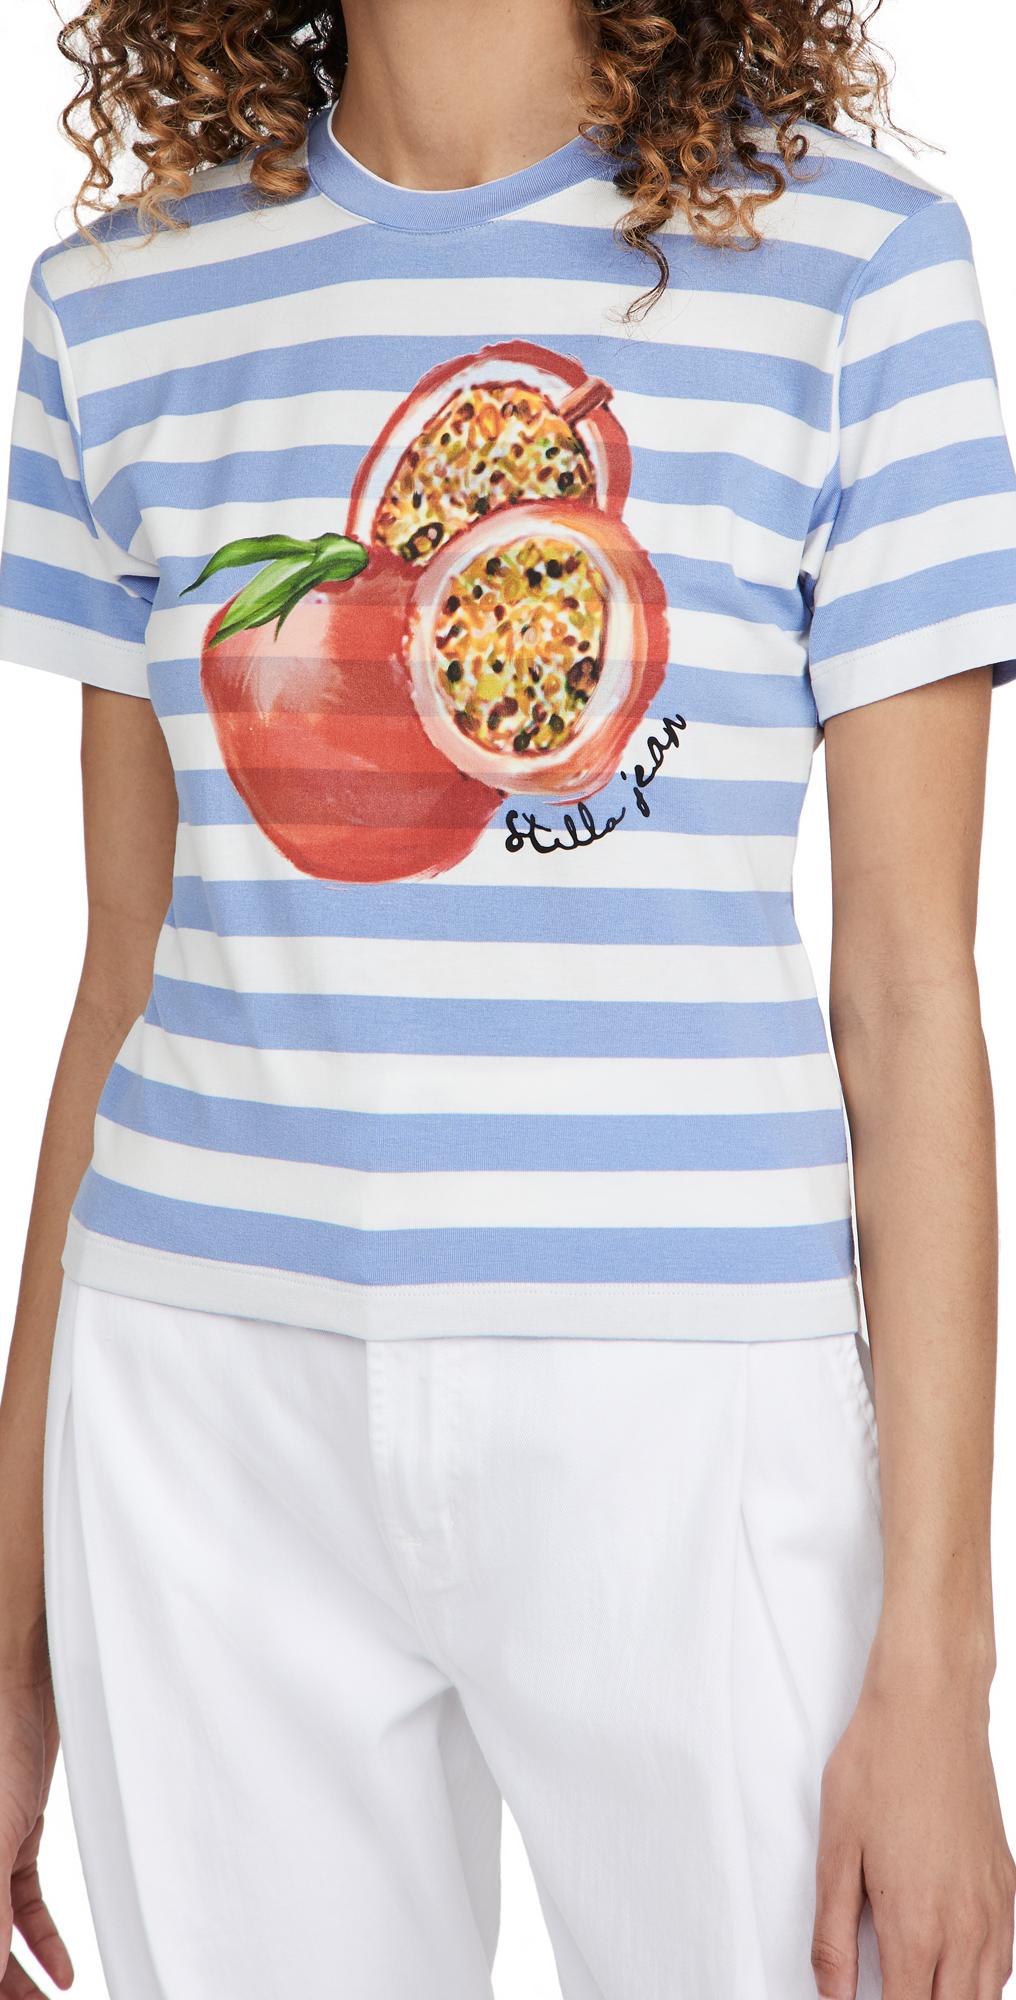 Stella Jean Slim T-Shirt with Pomegranate Print